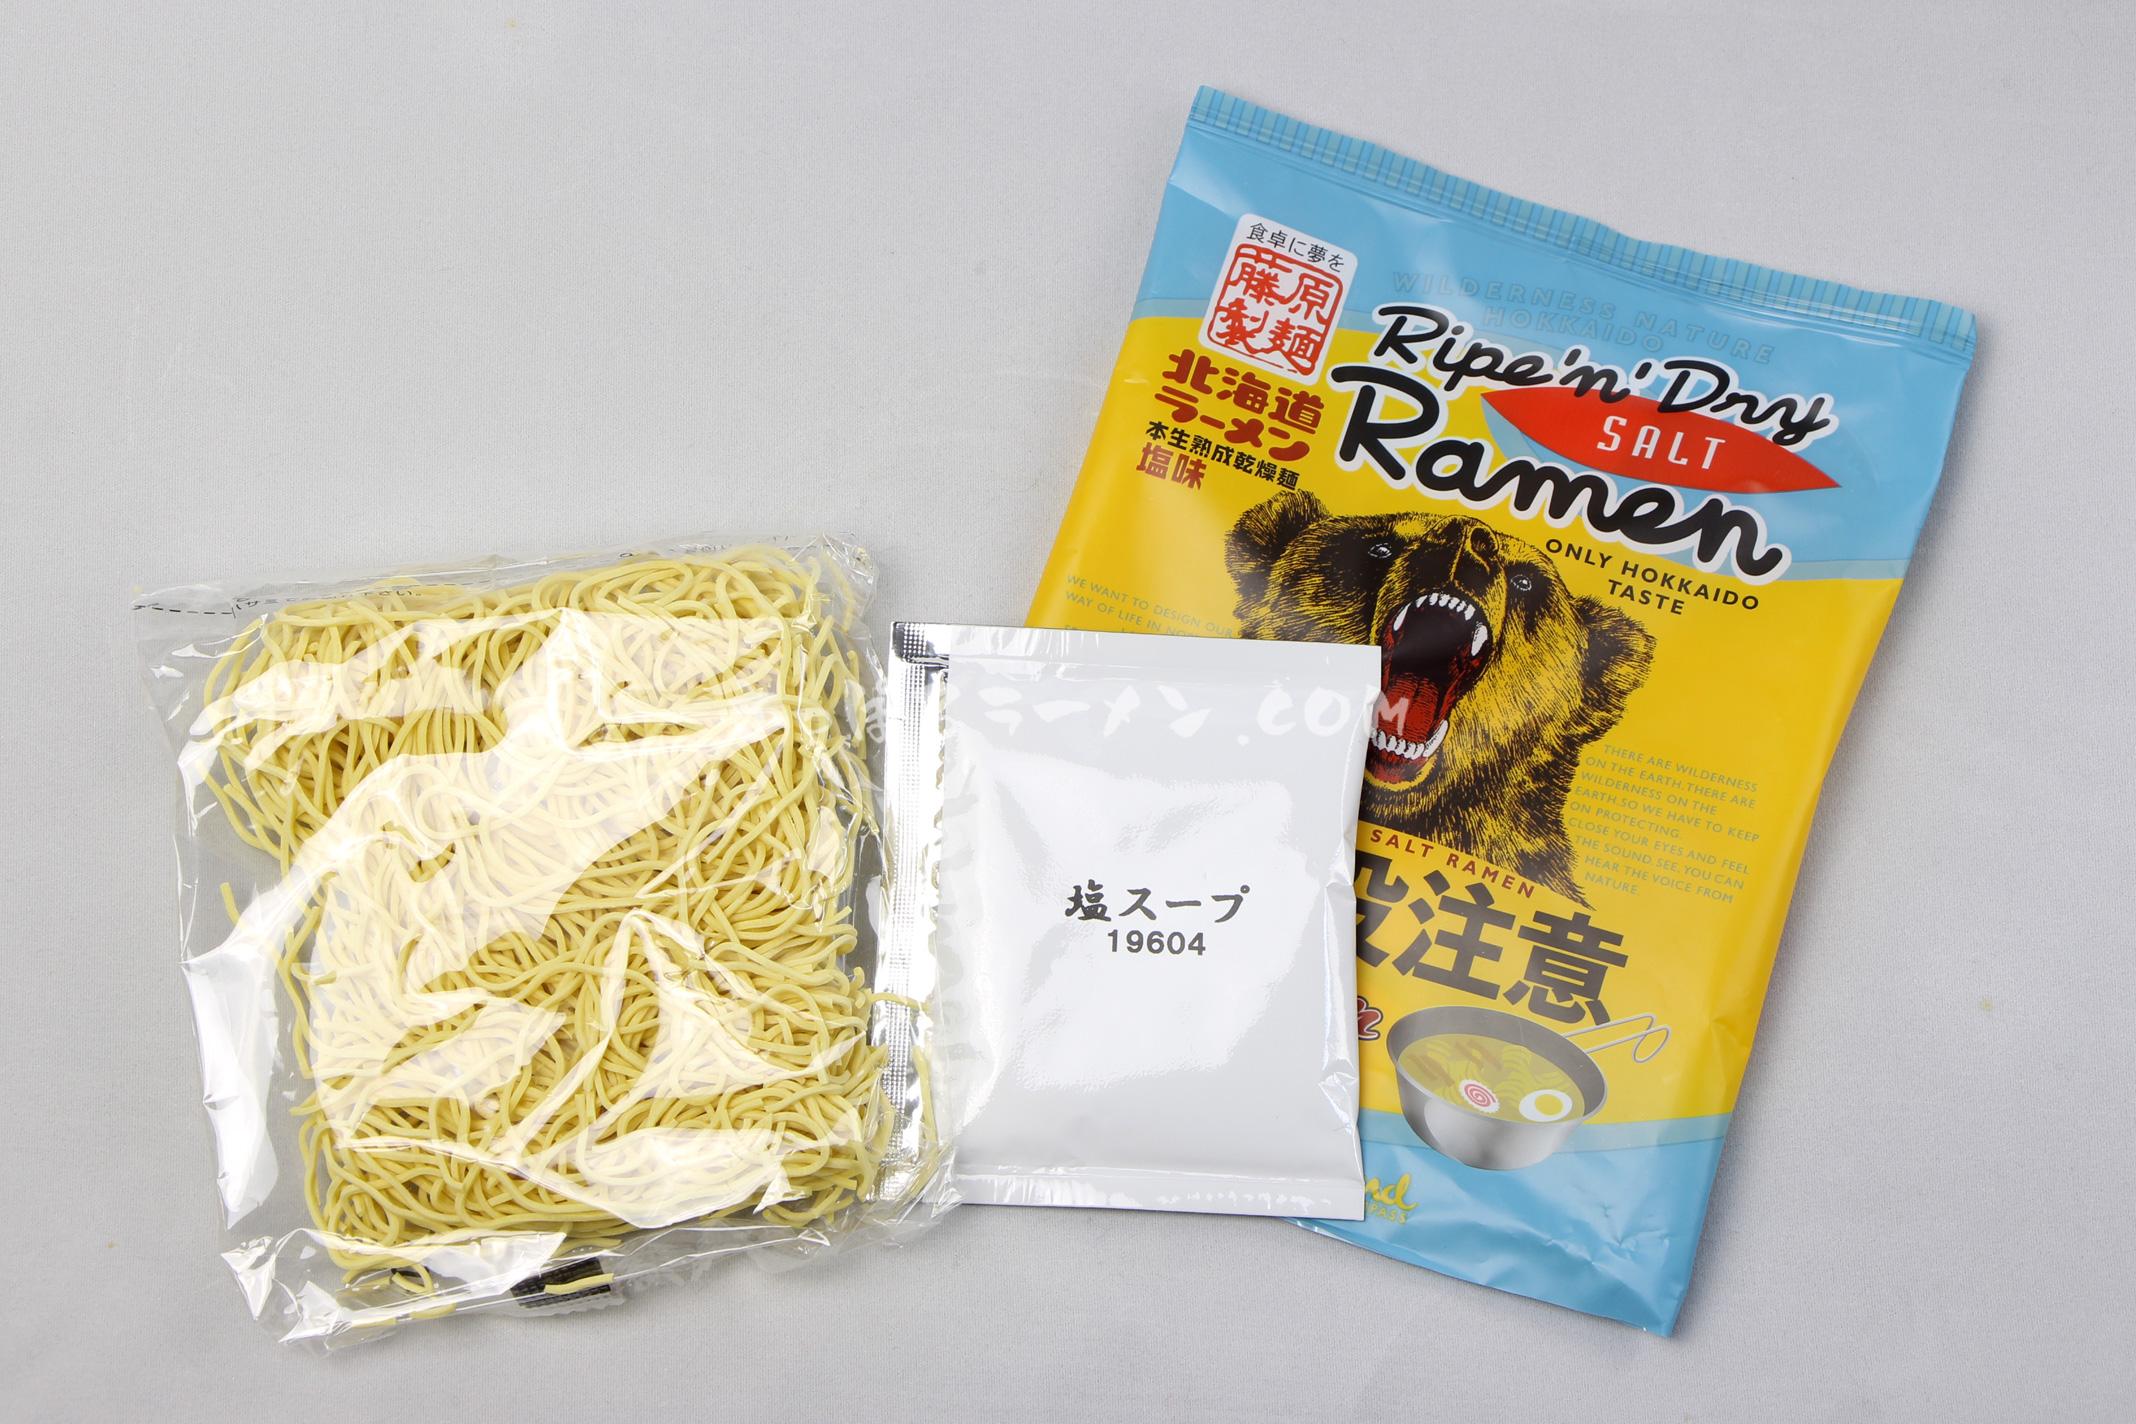 「熊出没注意ラーメン 塩味」(藤原製麺)の麺とスープ